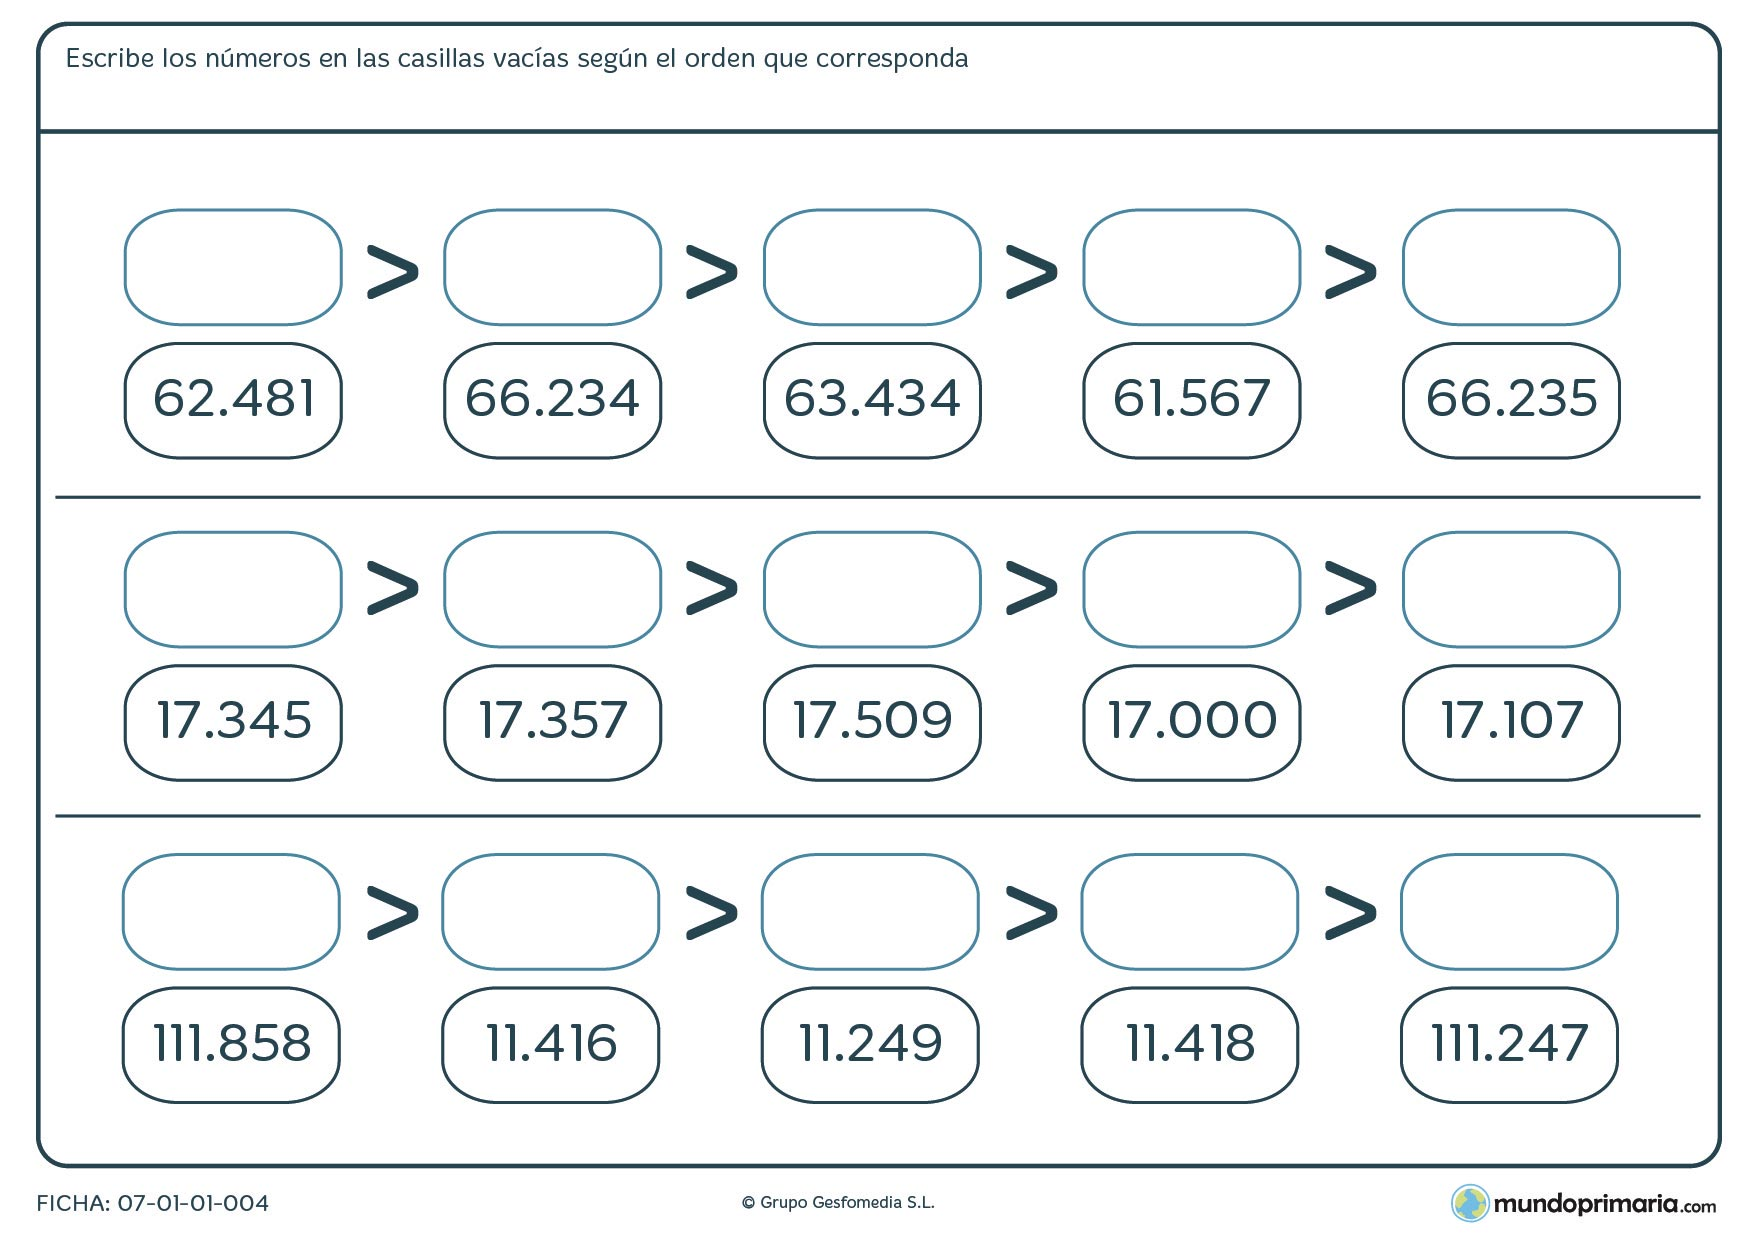 Ficha de ordenar de mayor a menor números rellenando los espacios vacíos.